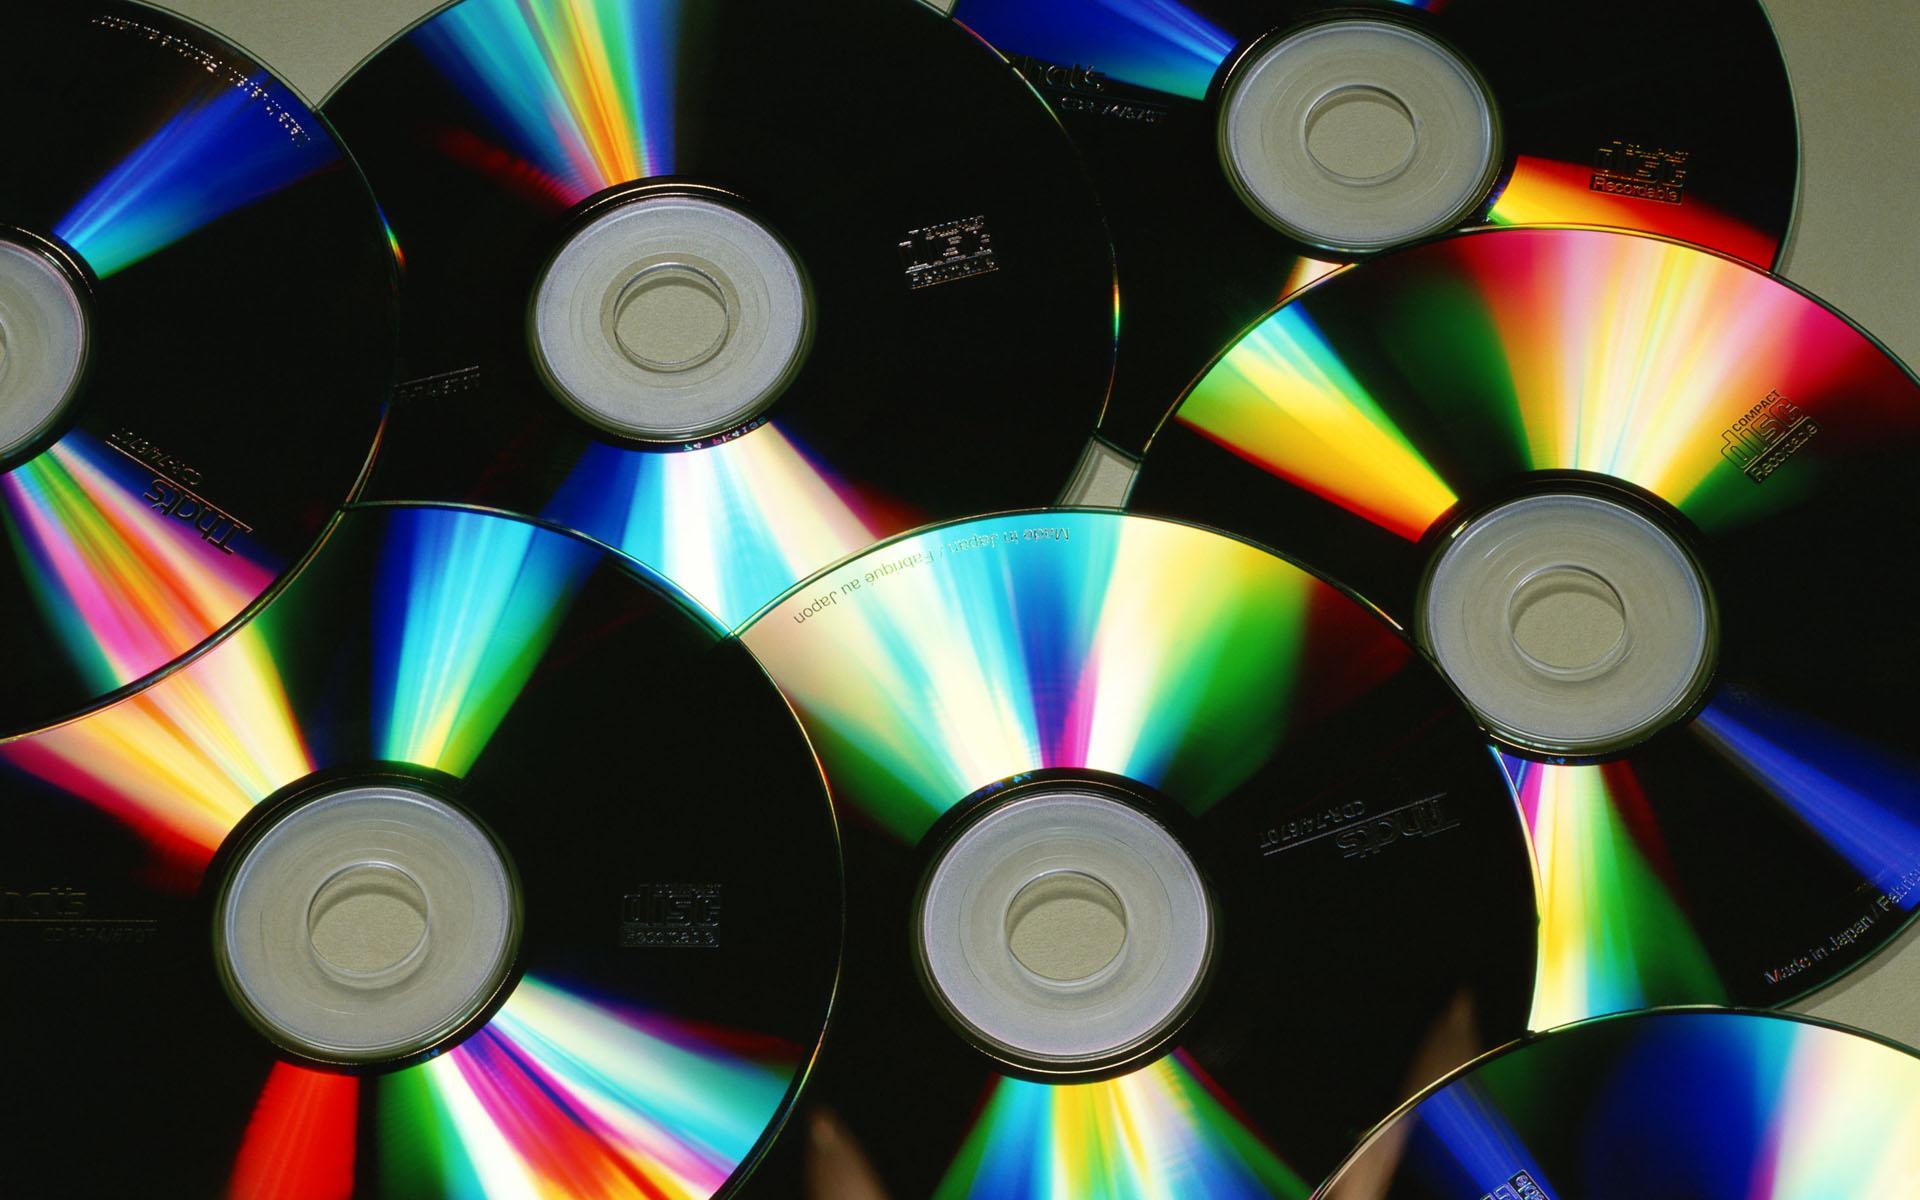 Вопрос дня: что делать со старыми видеокассетами и CD-дисками